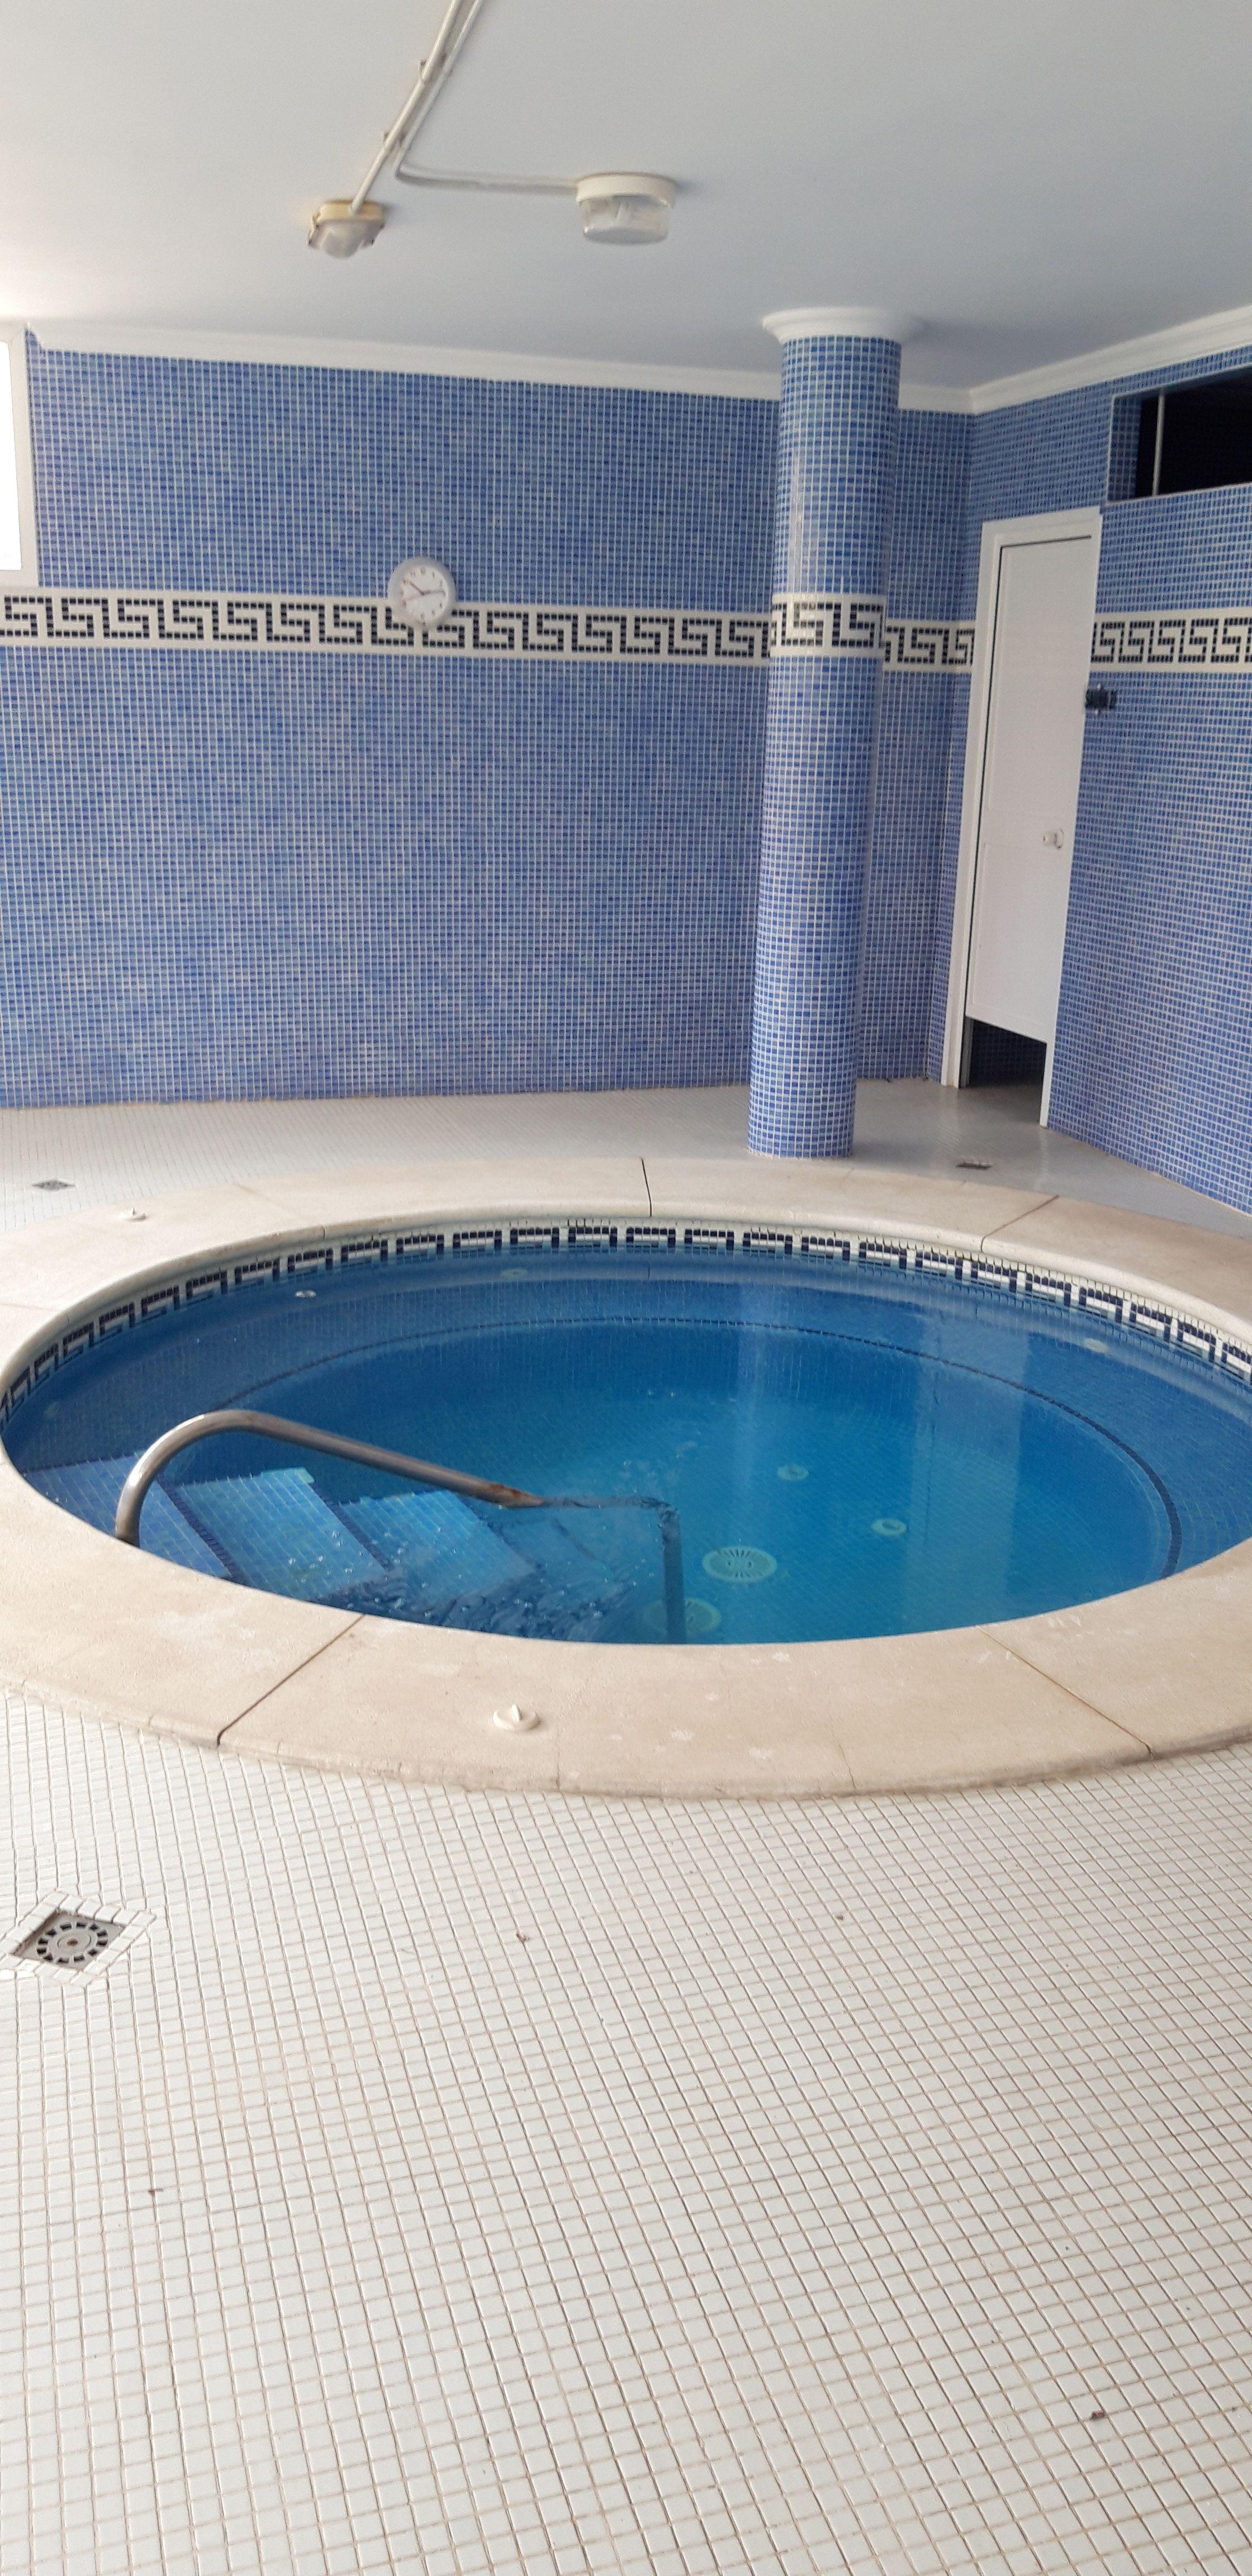 Huelva Apartamento Con Sauna Y Jacuzzi Comunitario En Islantilla Huelva Apartamentos Jacuzzi Urbanizacion